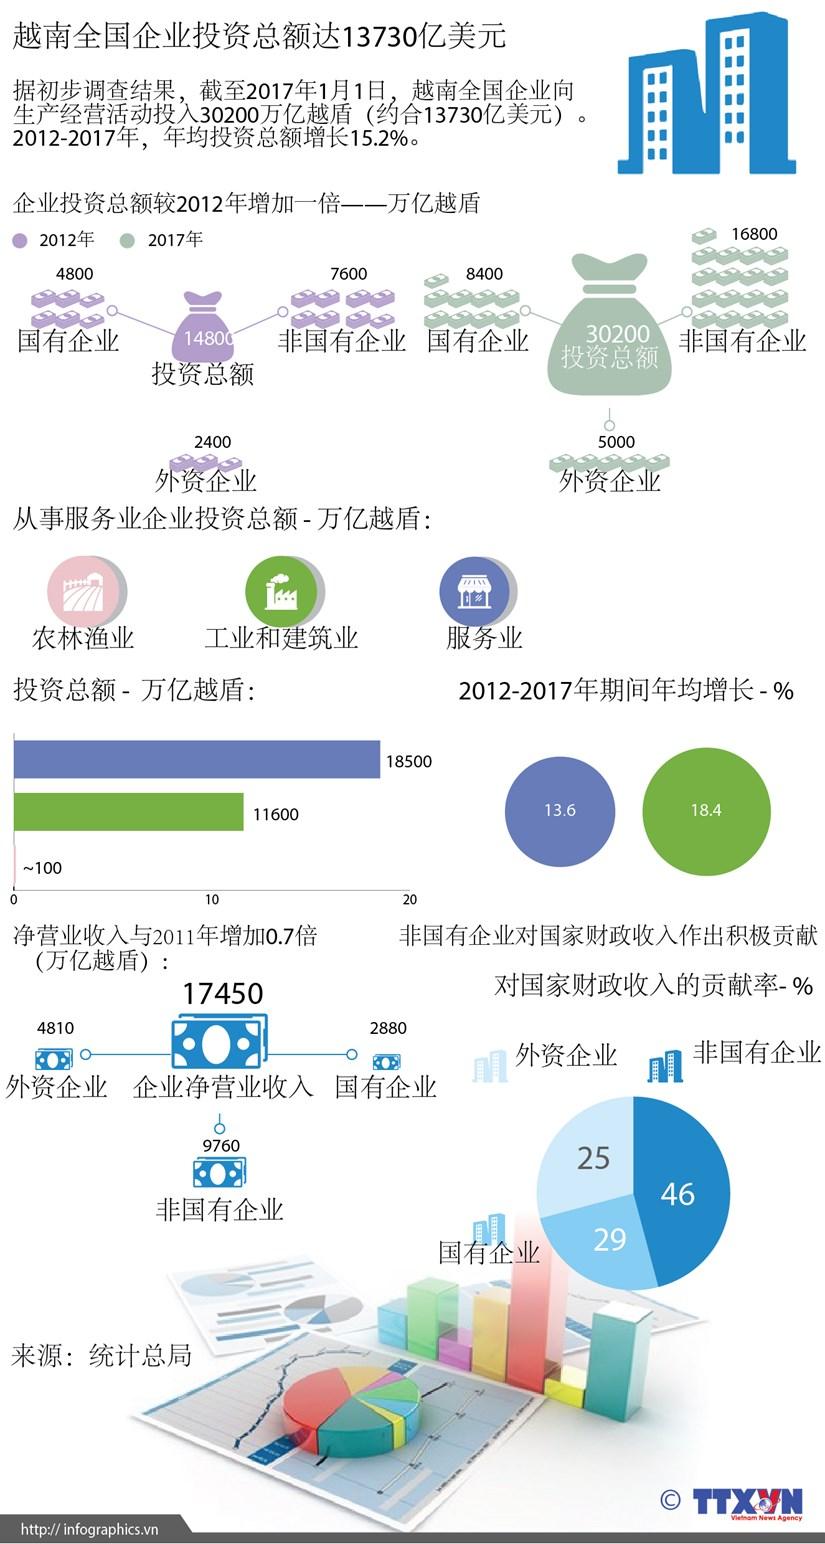 图表新闻:越南全国企业投资总额达13730亿美元 hinh anh 1